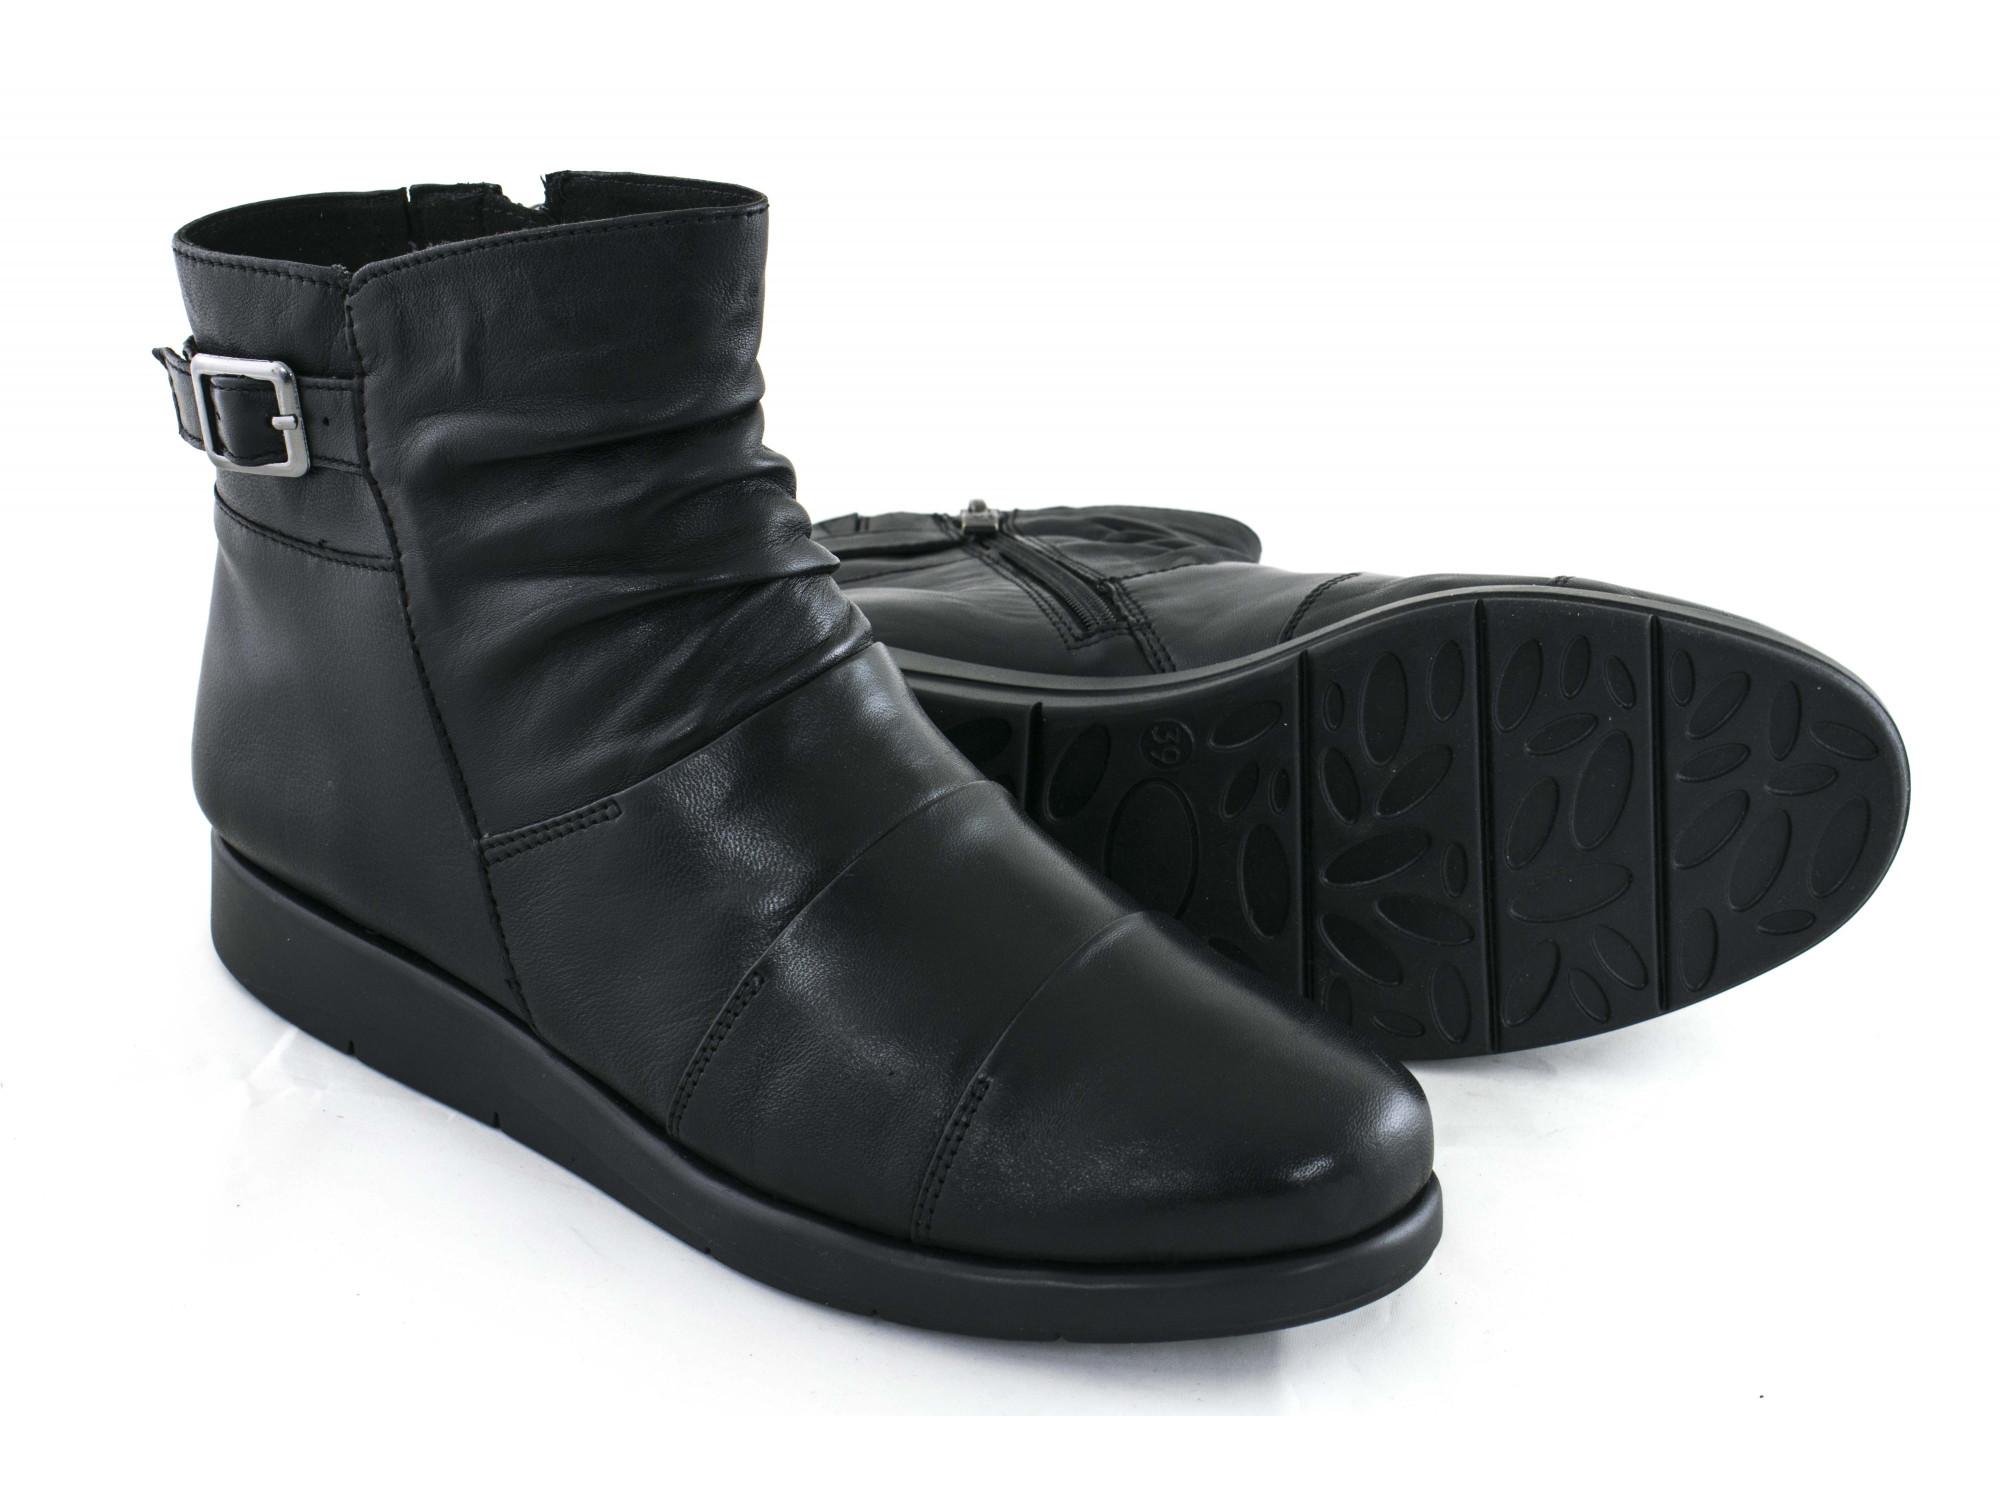 Ботинки Caprice 9-25456-25-022